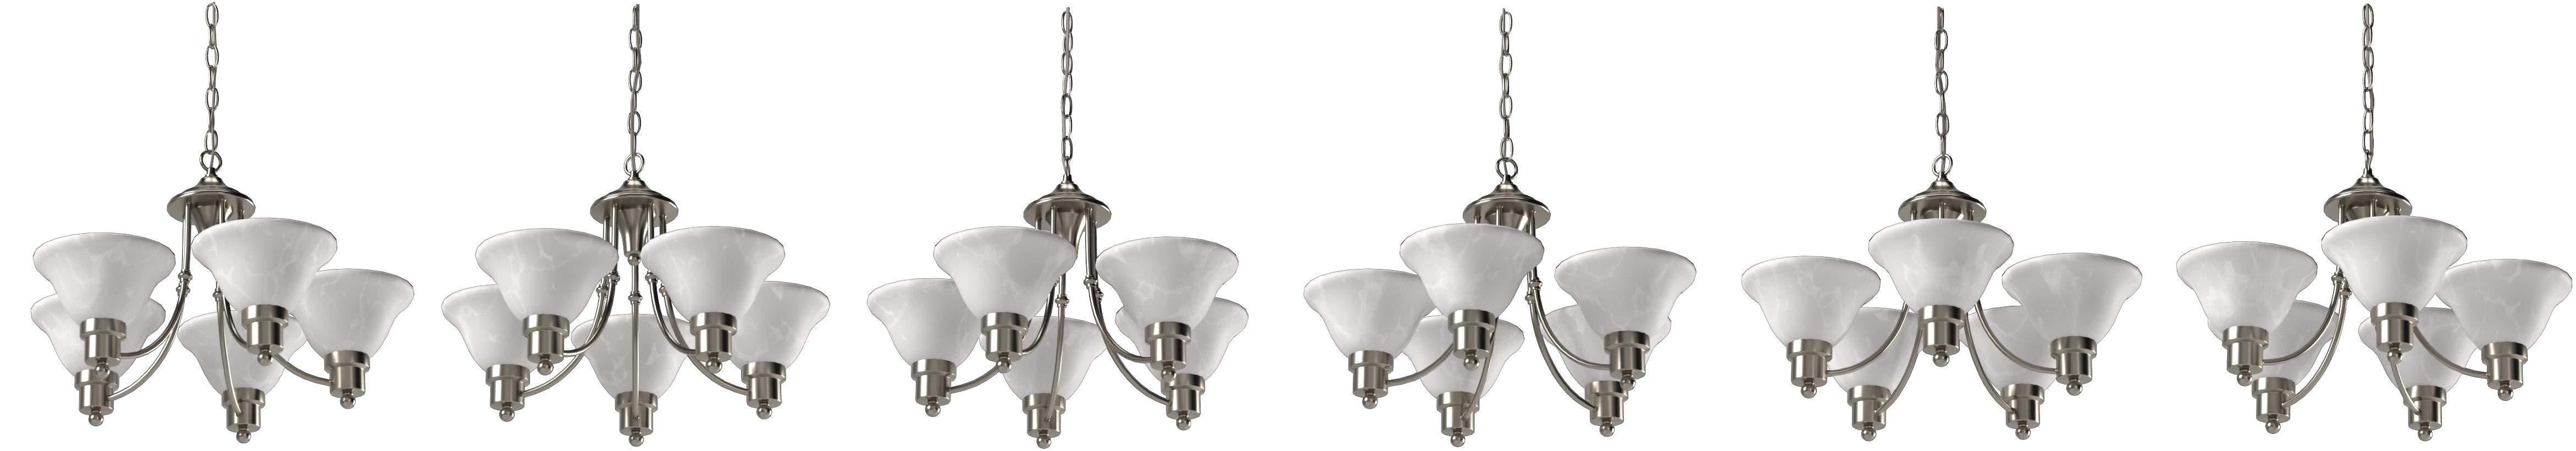 hardware house 544452 bristol 5 light chandelier brushed nickel lighting fixtures amazon com